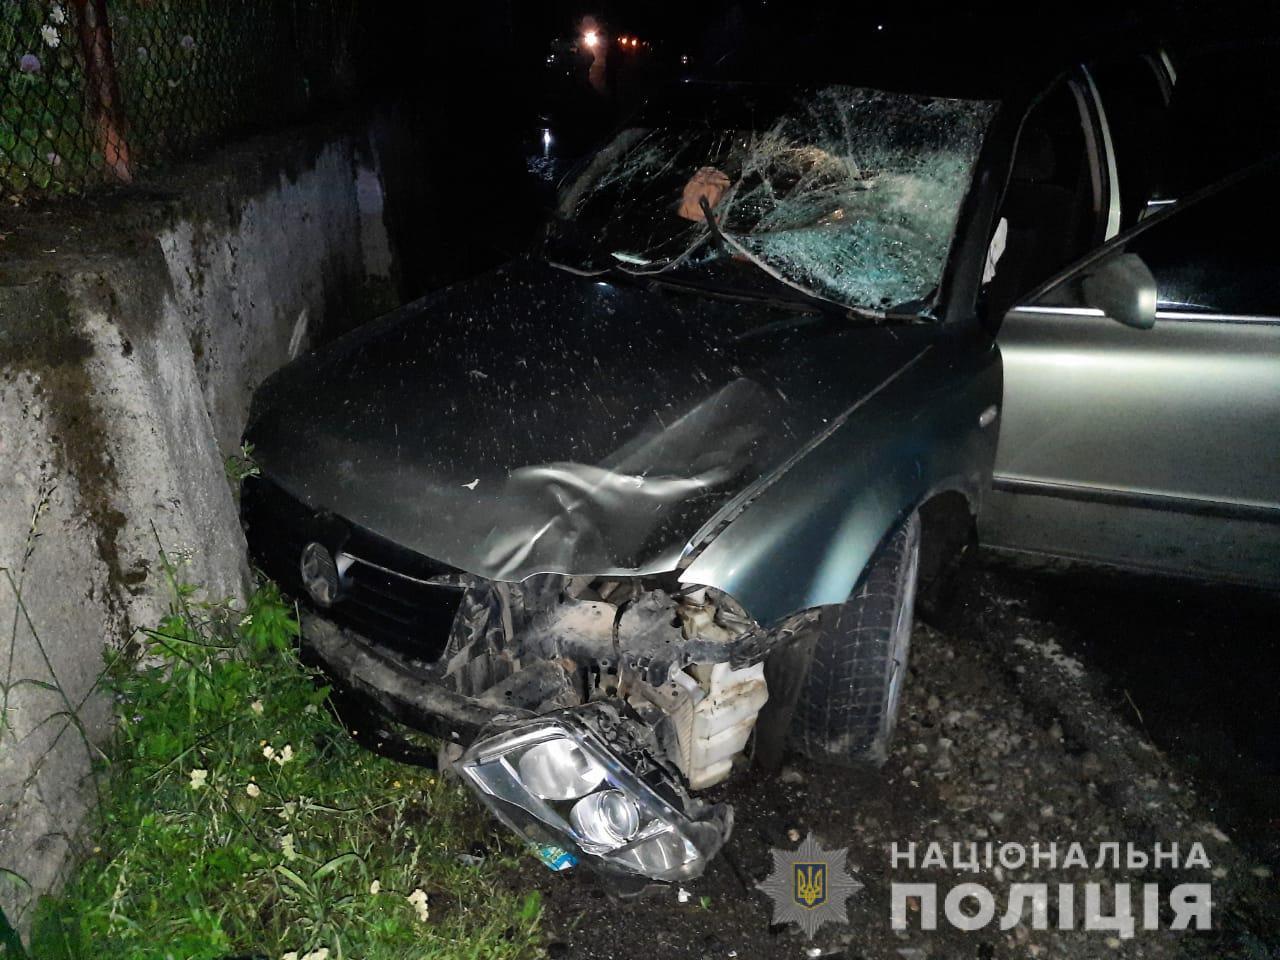 На Рахівщині автомобіль збив насмерть пішохода, що переходив дорогу